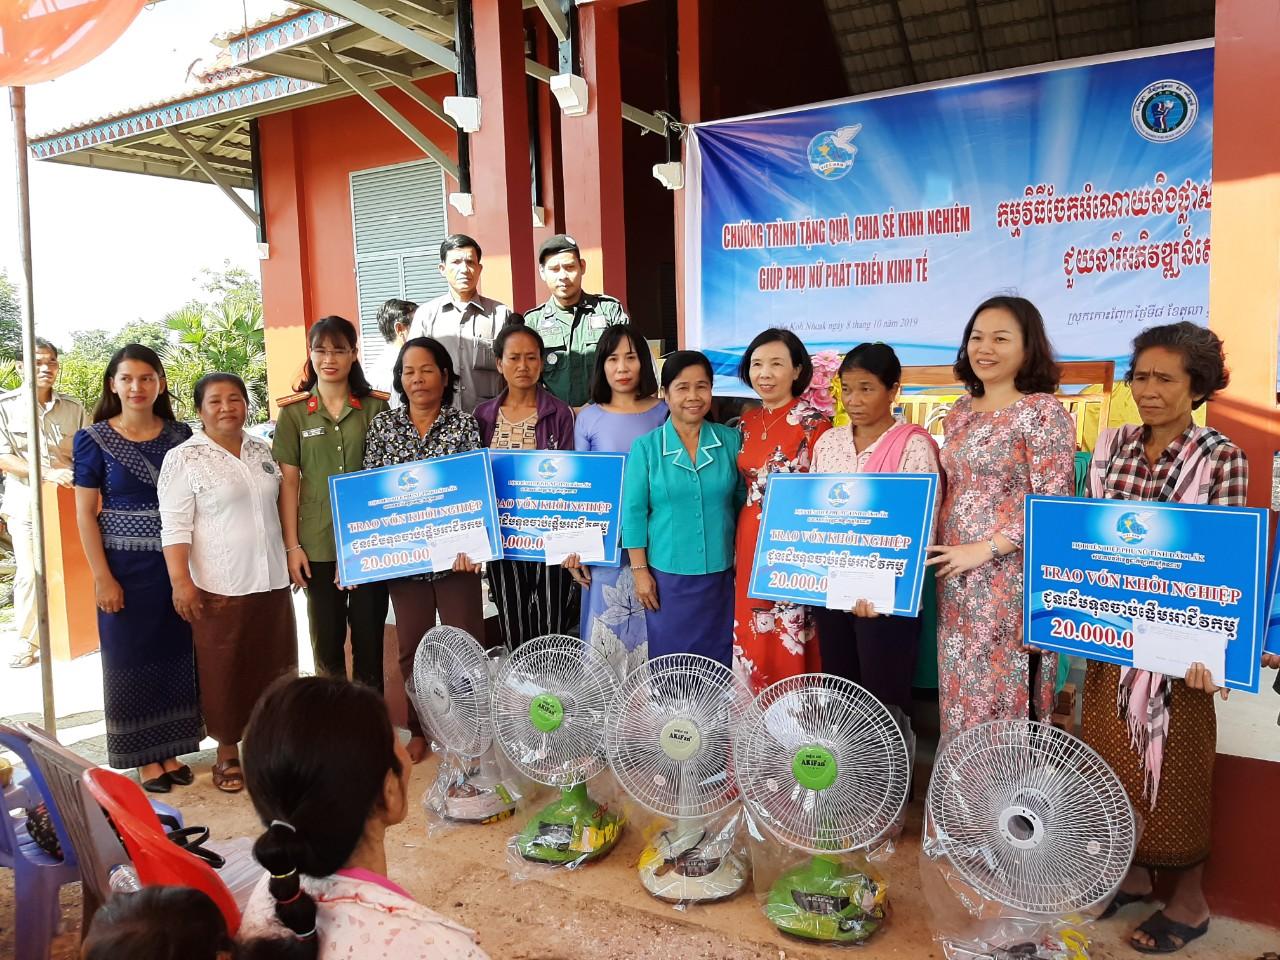 Hội LHPN tỉnh tặng quà, chia sẻ kinh nghiệm phát triển kinh tế tại huyện Koh Nhec, tỉnh Mondulkiri